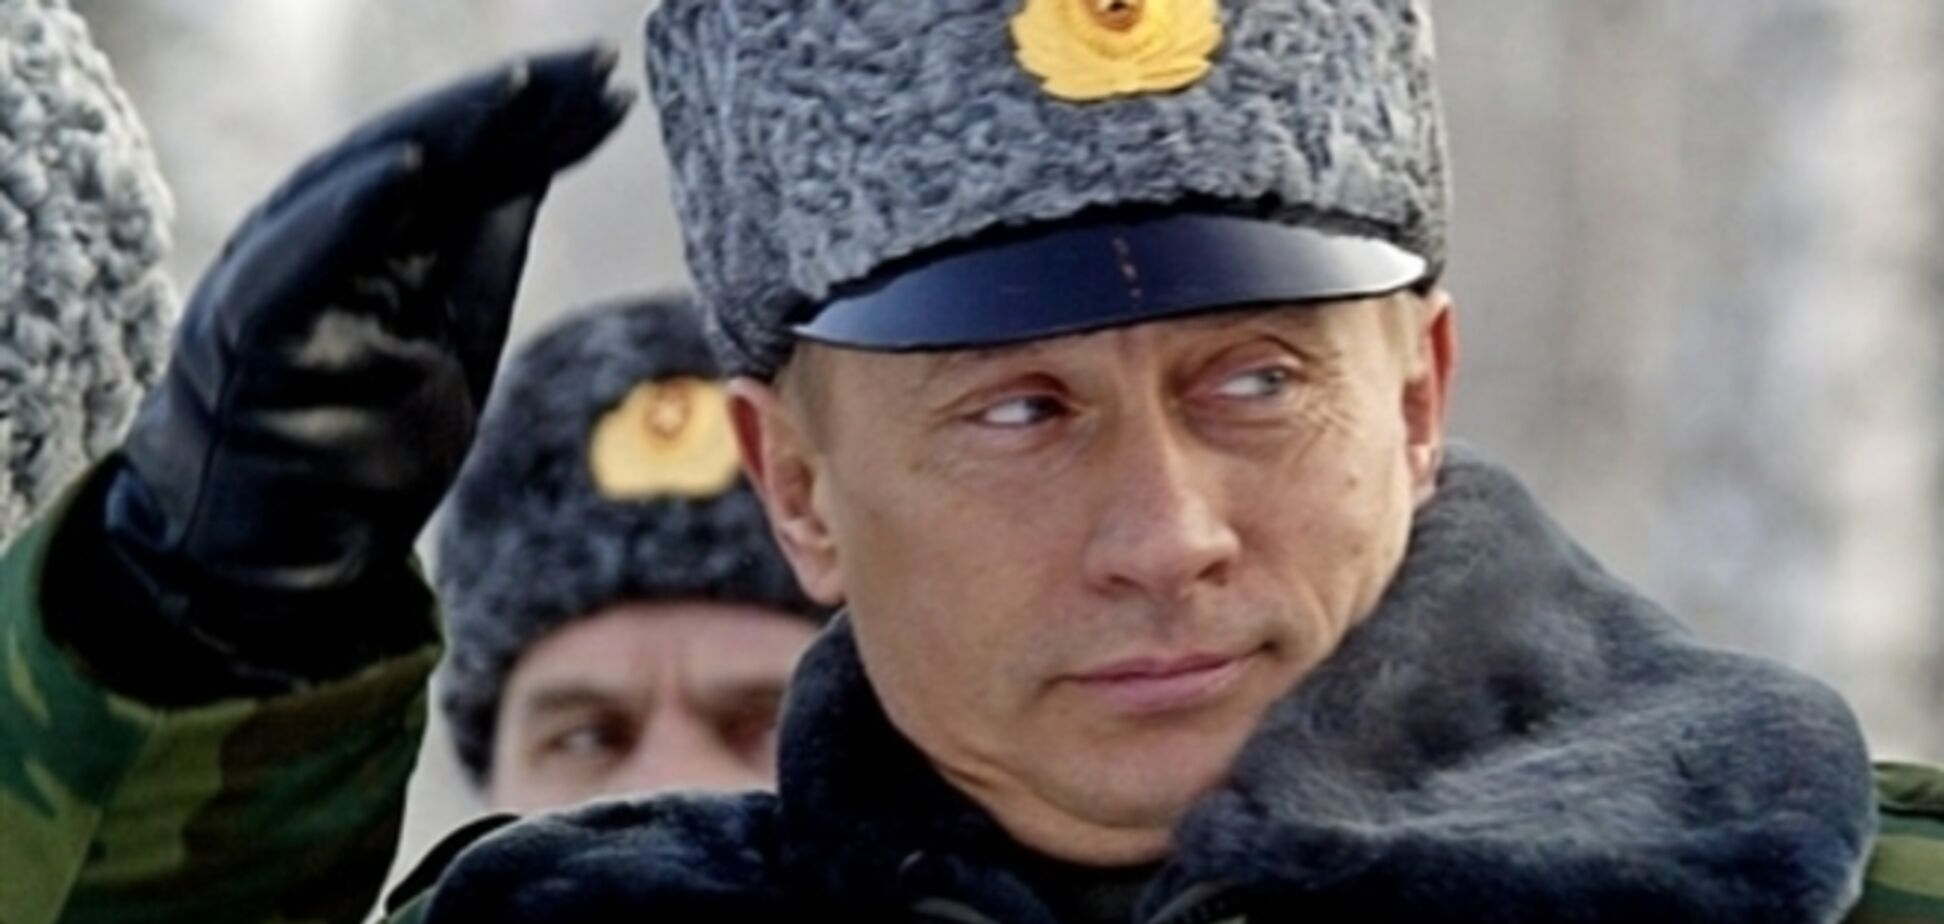 Путин 'на 99%' не пойдет на оккупацию Украины – военный эксперт